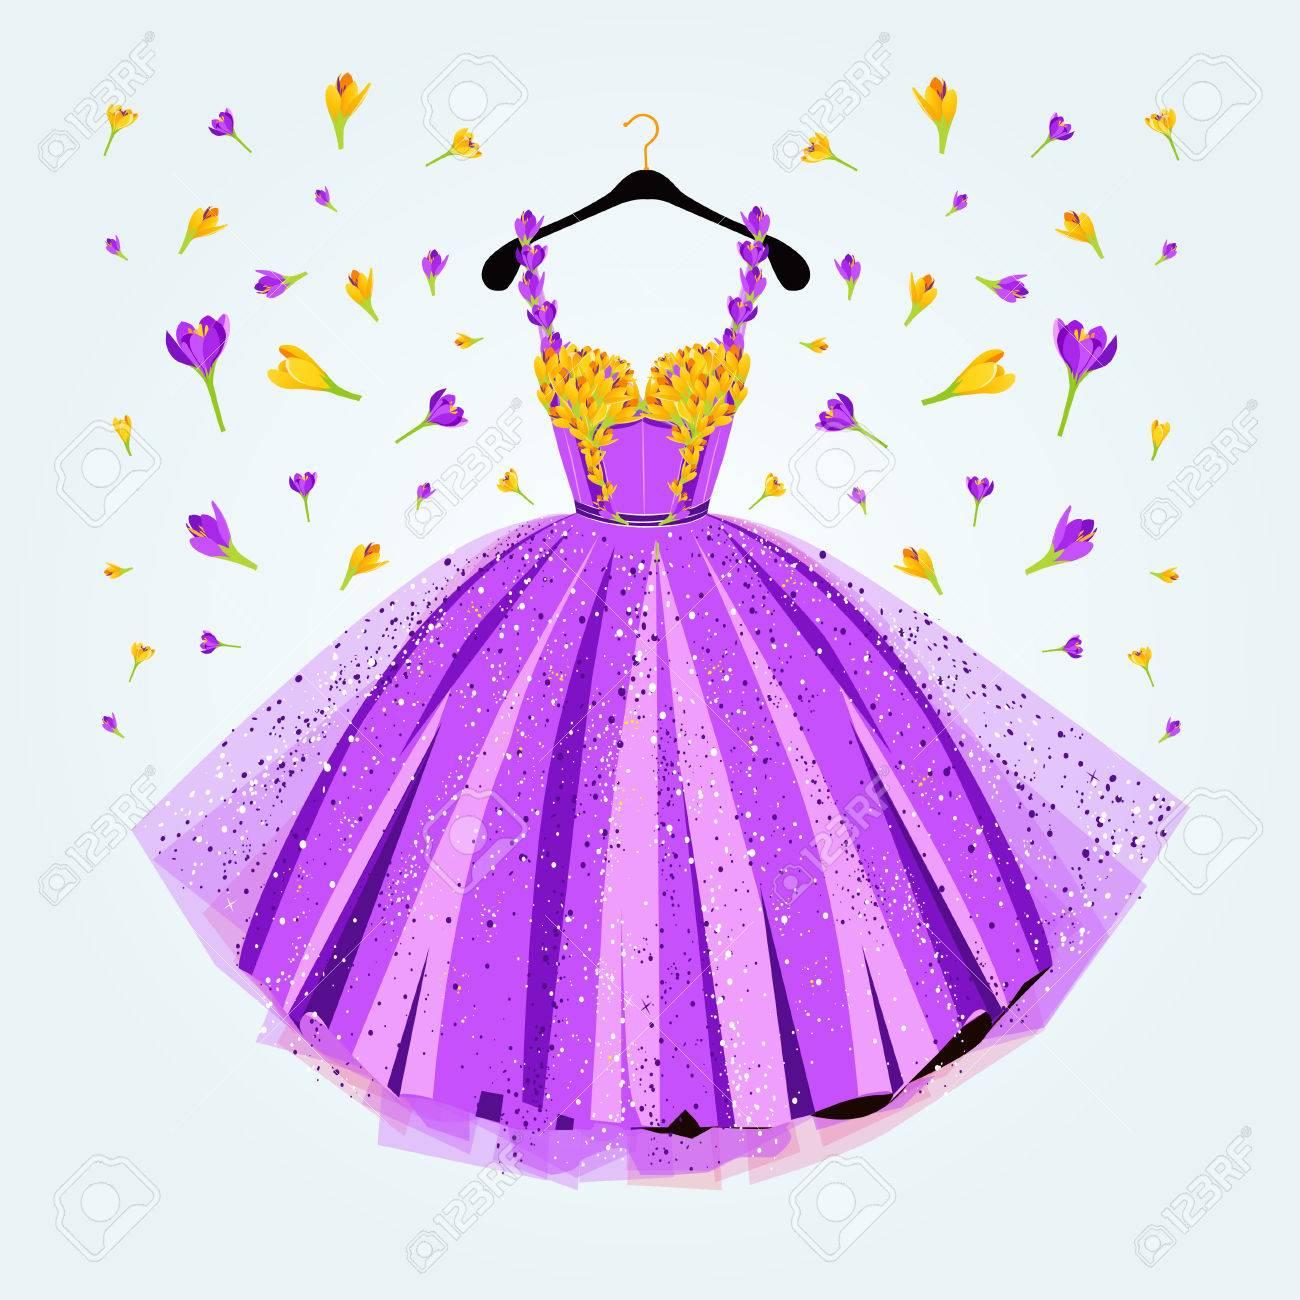 Vestido Púrpura Partido Con Una Decoración Floral. Ilustración ...